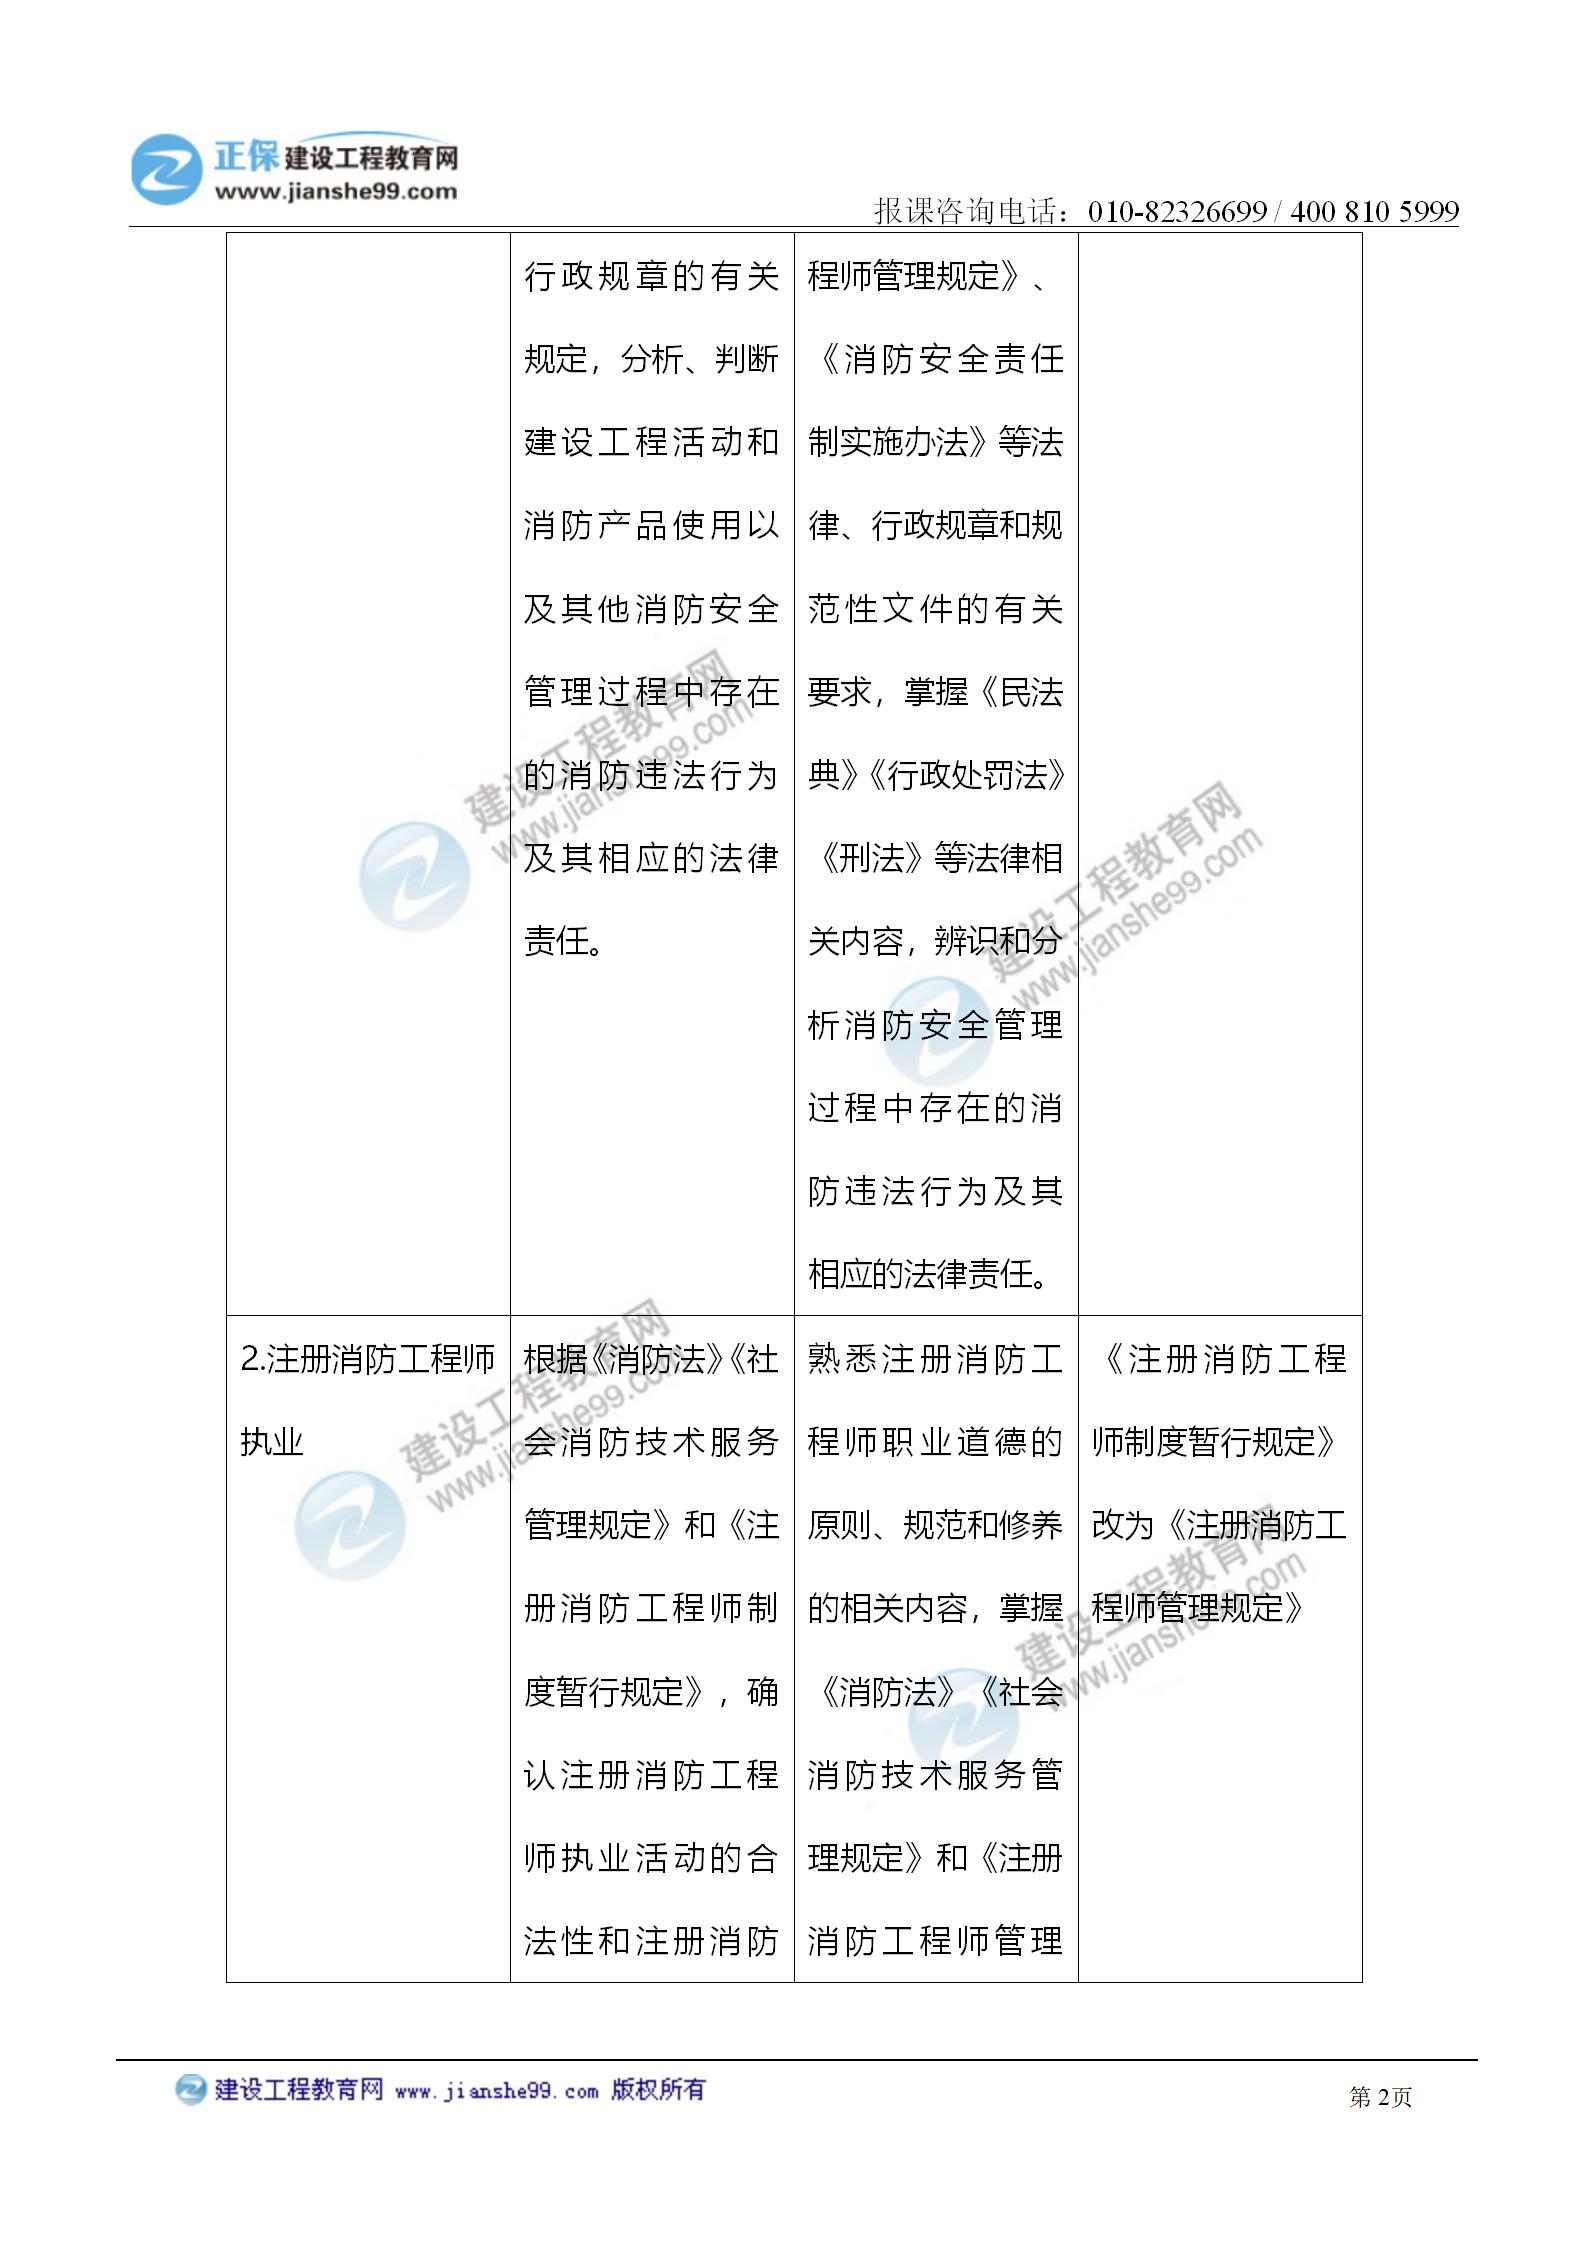 2021注册消防工程师《综合能力》考试大纲变化情况_02